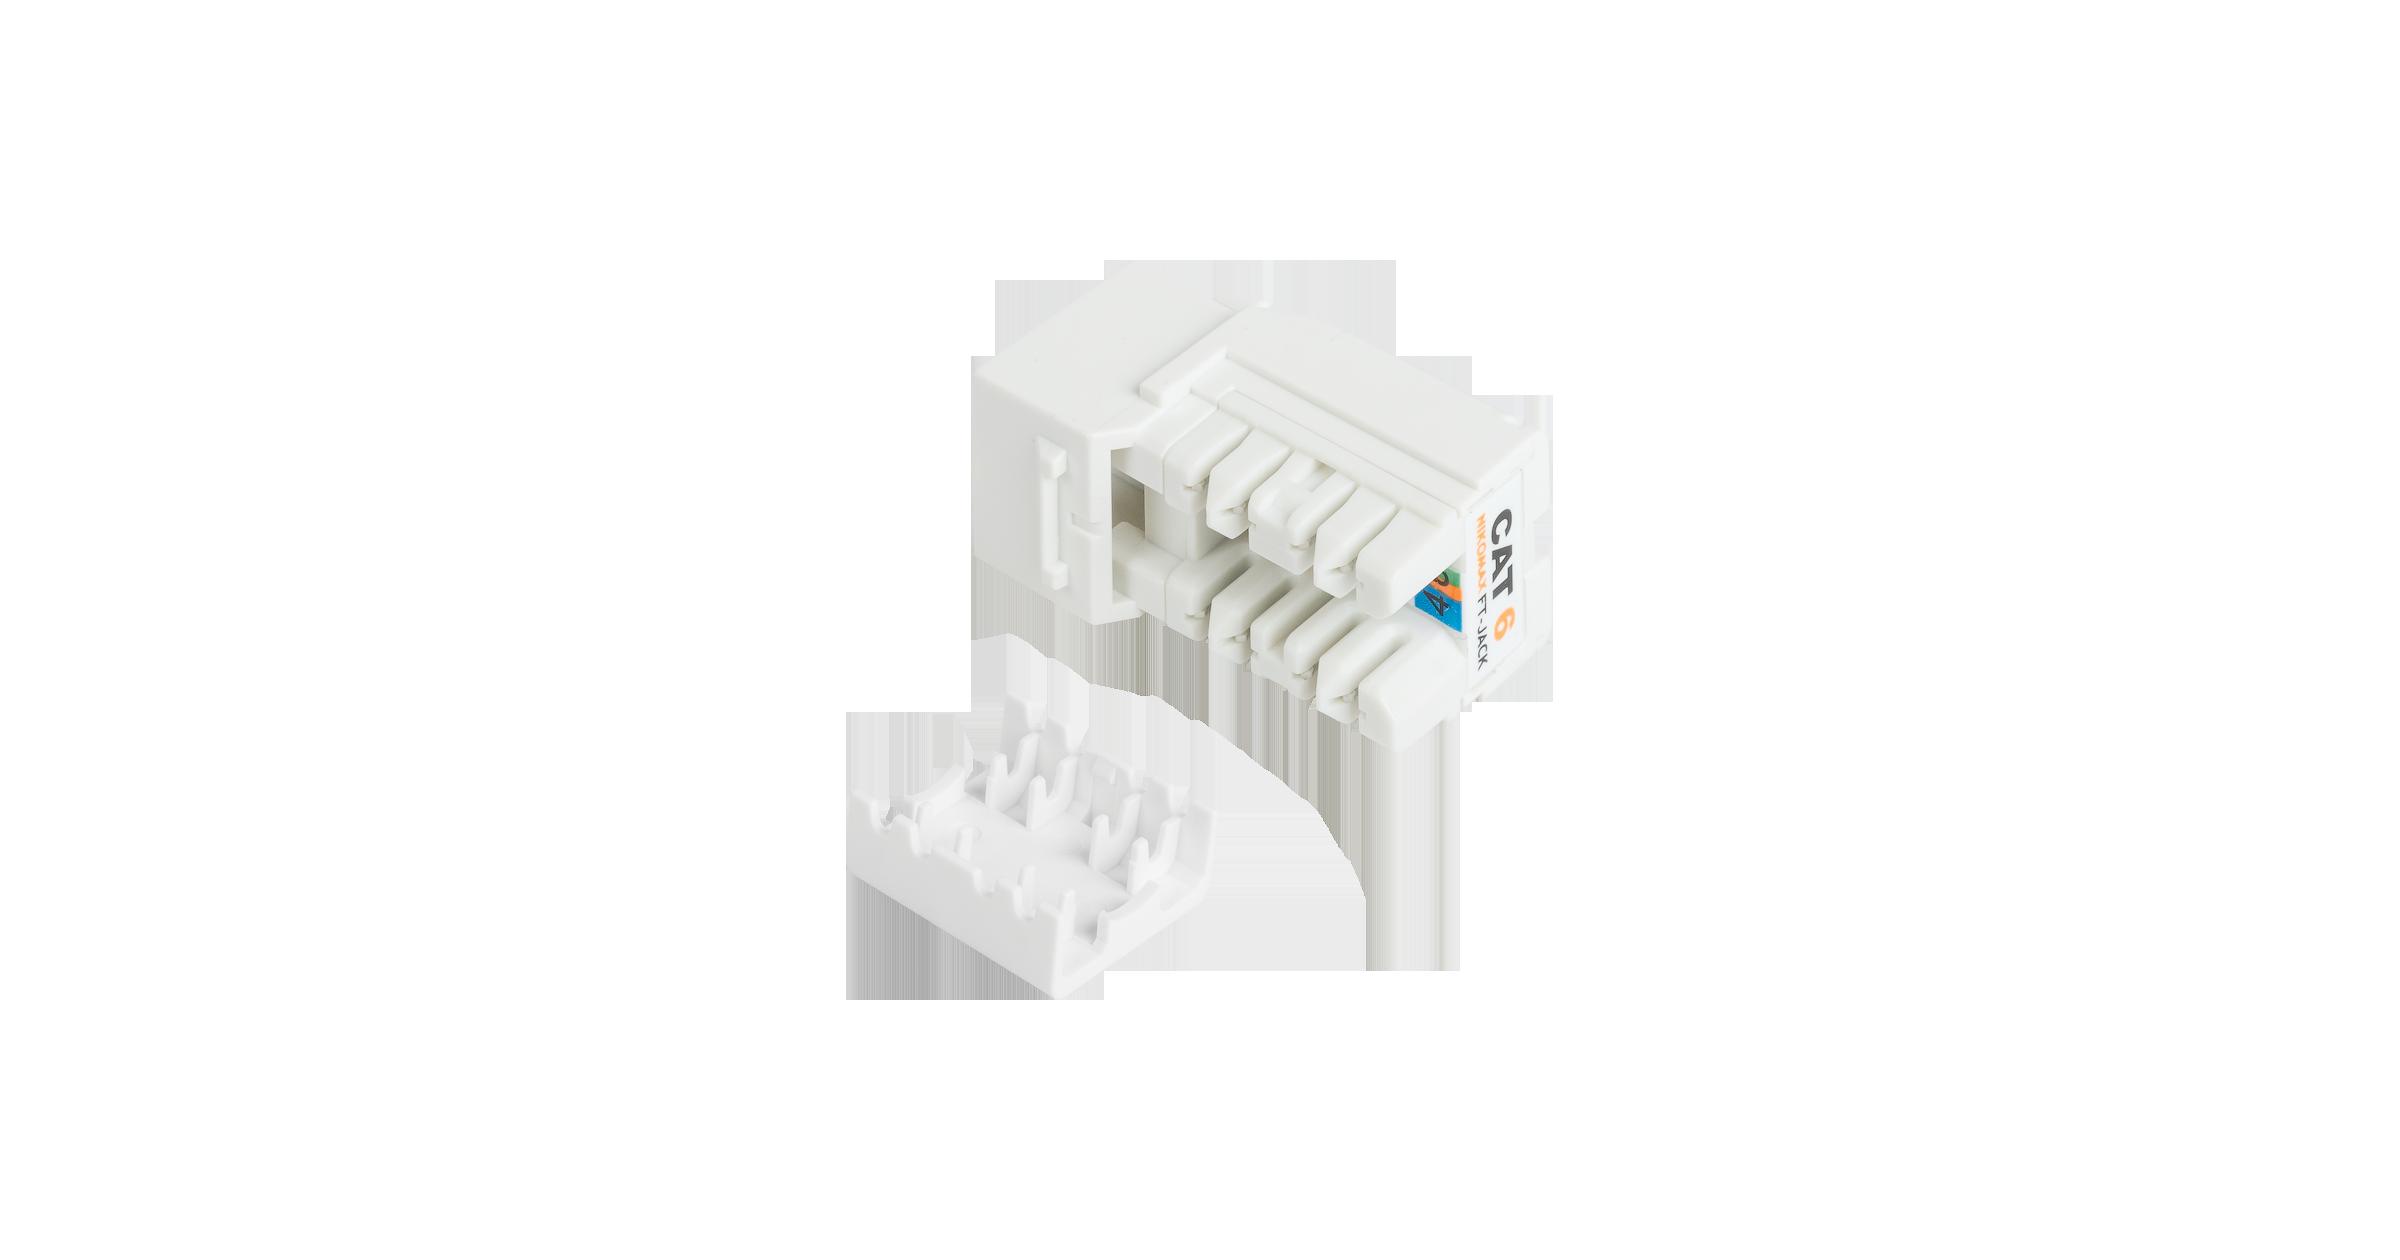 Модуль-вставка NIKOMAX типа Keystone, Кат.5е (Класс D), 100МГц, RJ45/8P8C, FT-TOOL/110/KRONE, T568A/B, неэкранированный, белый - гарантия: 5 лет расширенная / 25 лет системная